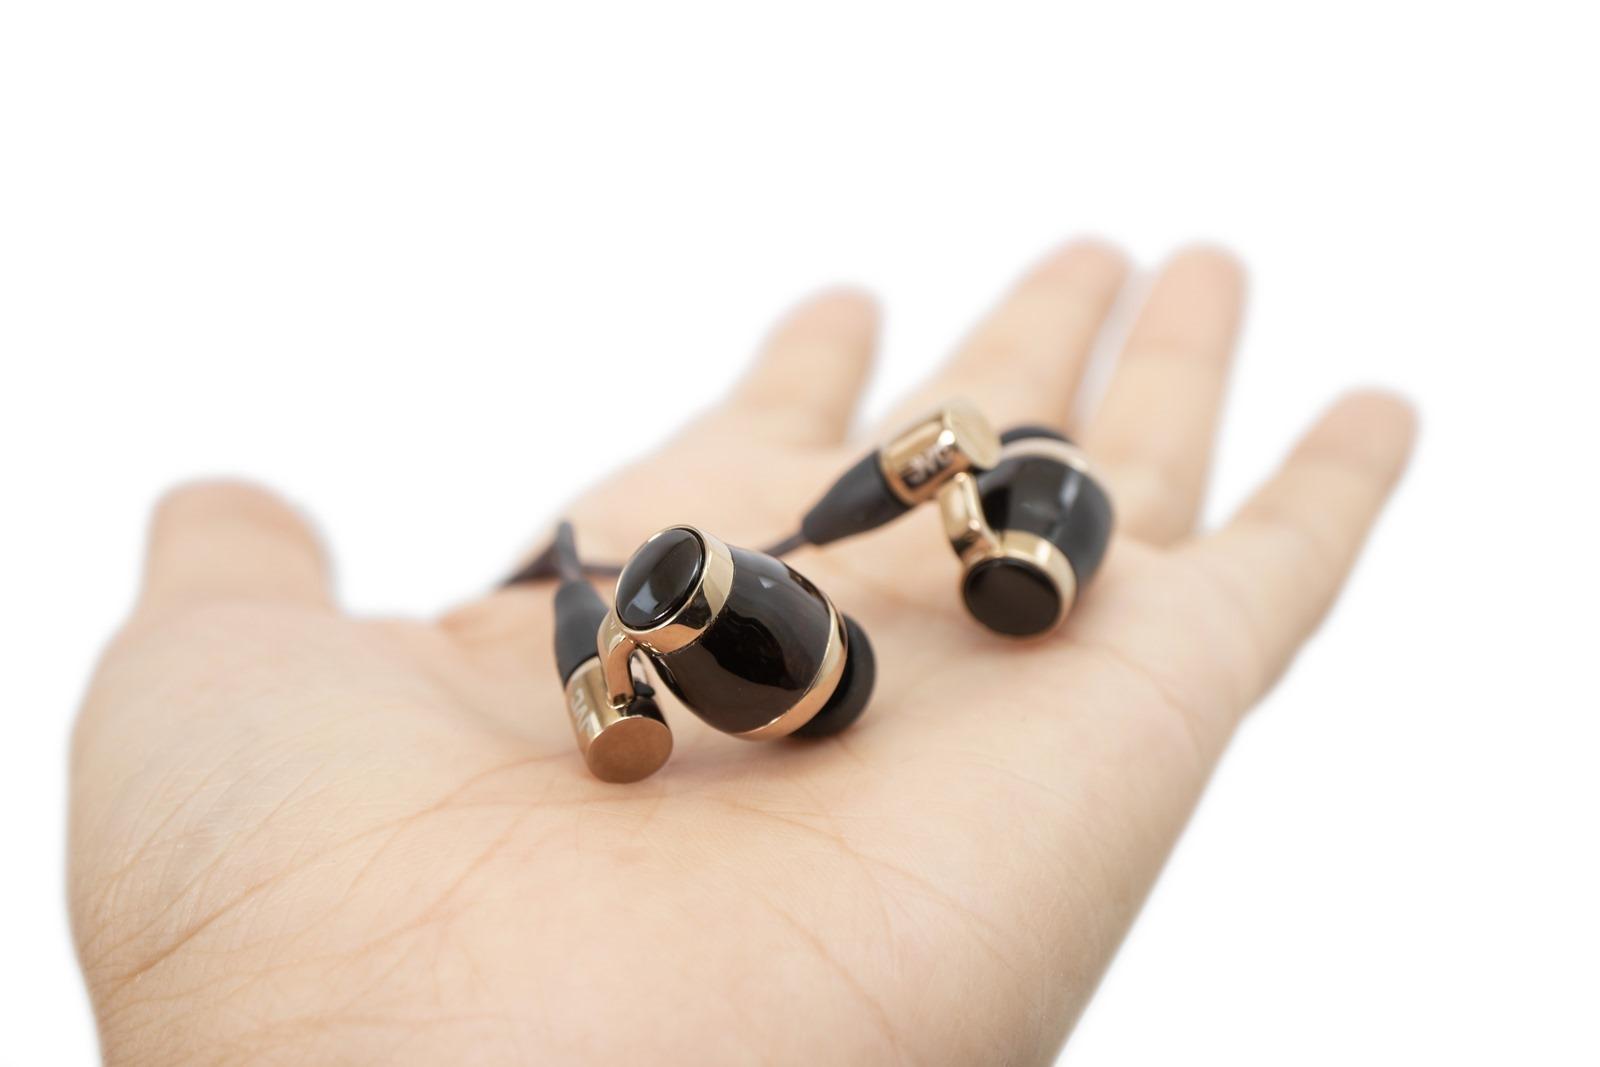 輕巧多彩真無線藍牙耳機 JVC Gumy True Wireless (HA-A7T) 開箱分享 / 還有 XX 系列極致重低音 / WOOD 極致 HiRes 耳機分享 @3C 達人廖阿輝